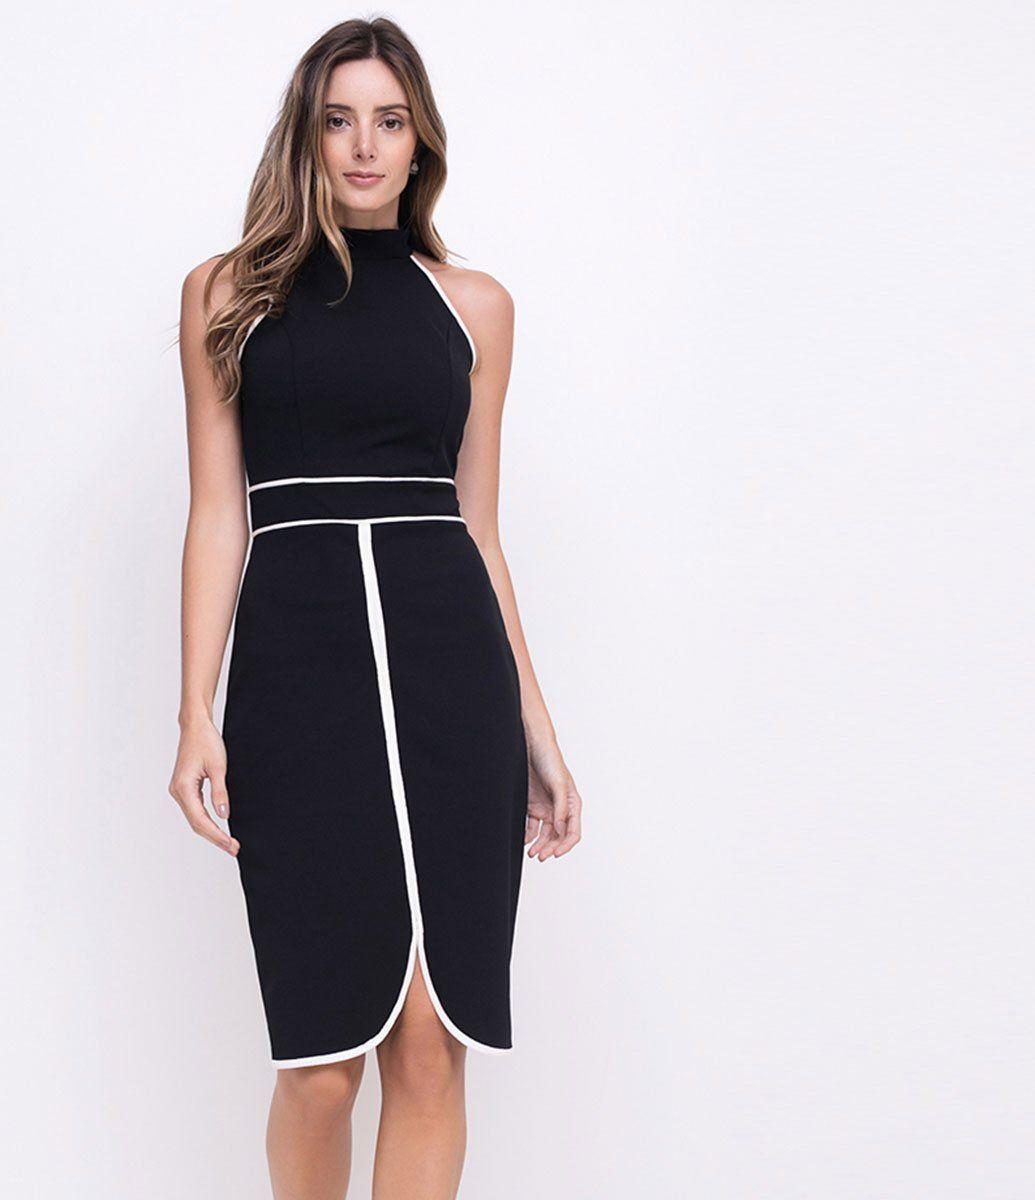 d2345aebc0 Vestido feminino Sem mangas Gola alta Com detalhes contrastantes Marca   Cortelle Tecido  crepe Composição